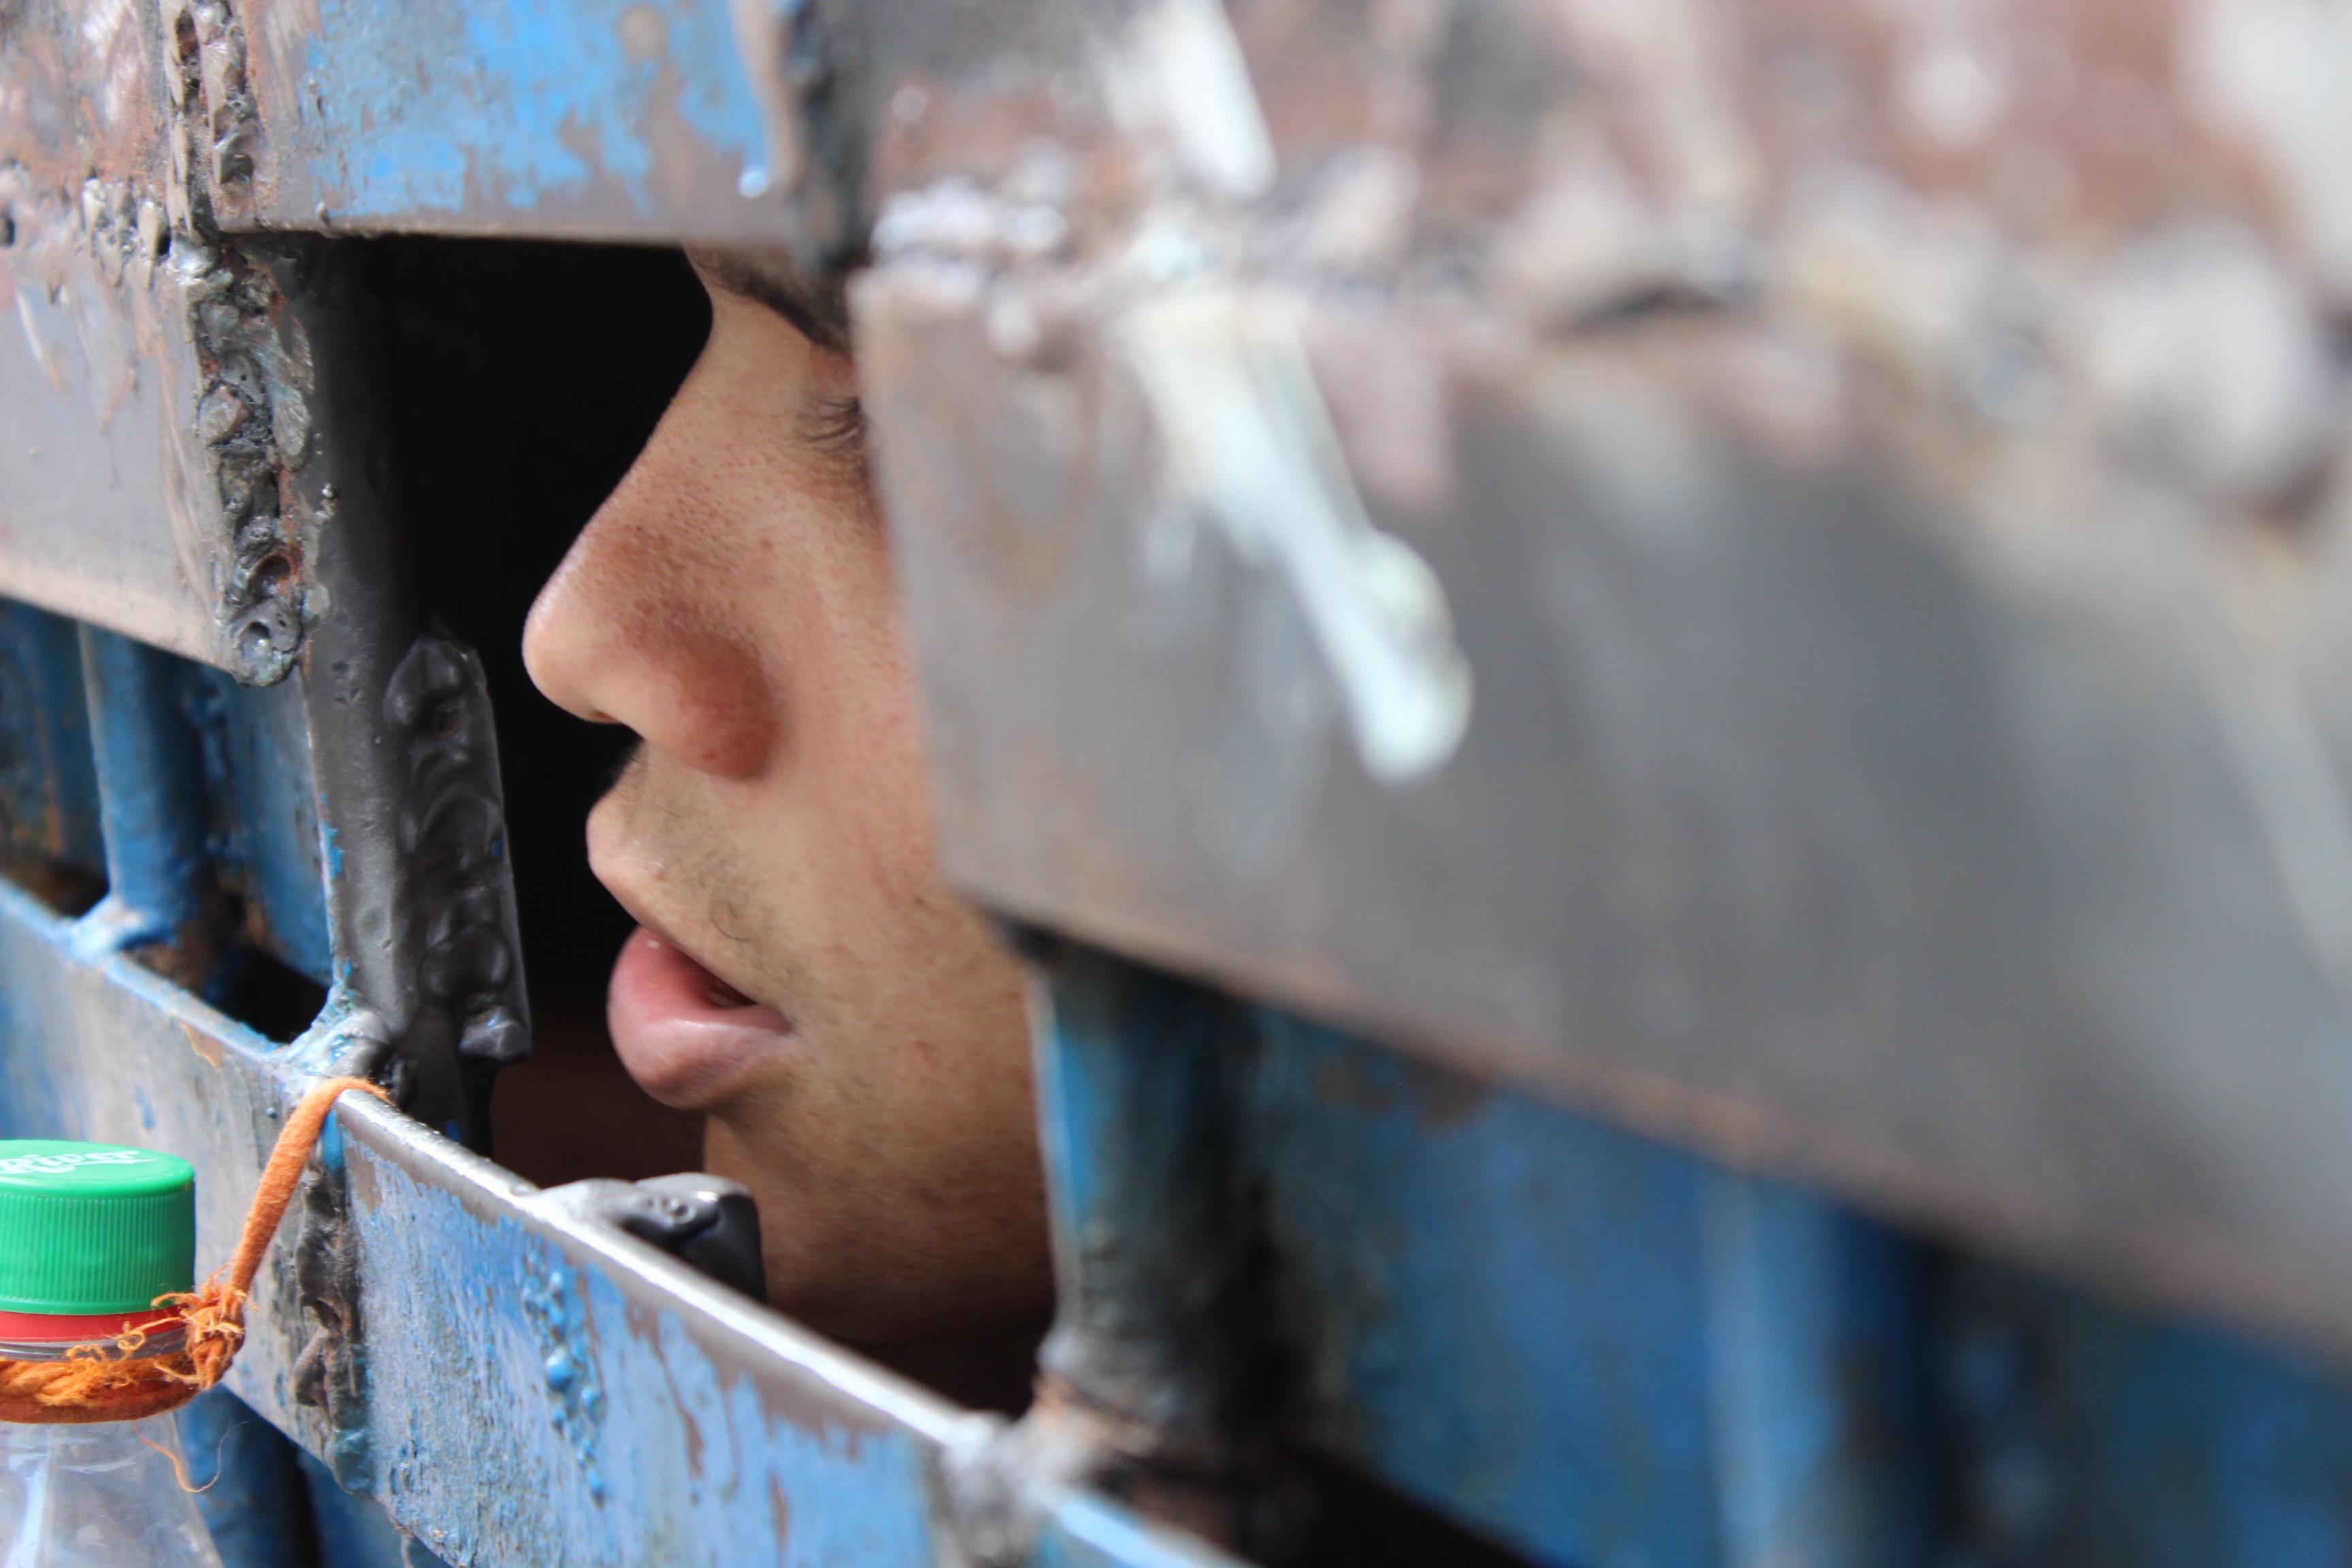 Complexo Penitenciário de Pedrinhas (MA) é símbolo internacional de violência em prisões